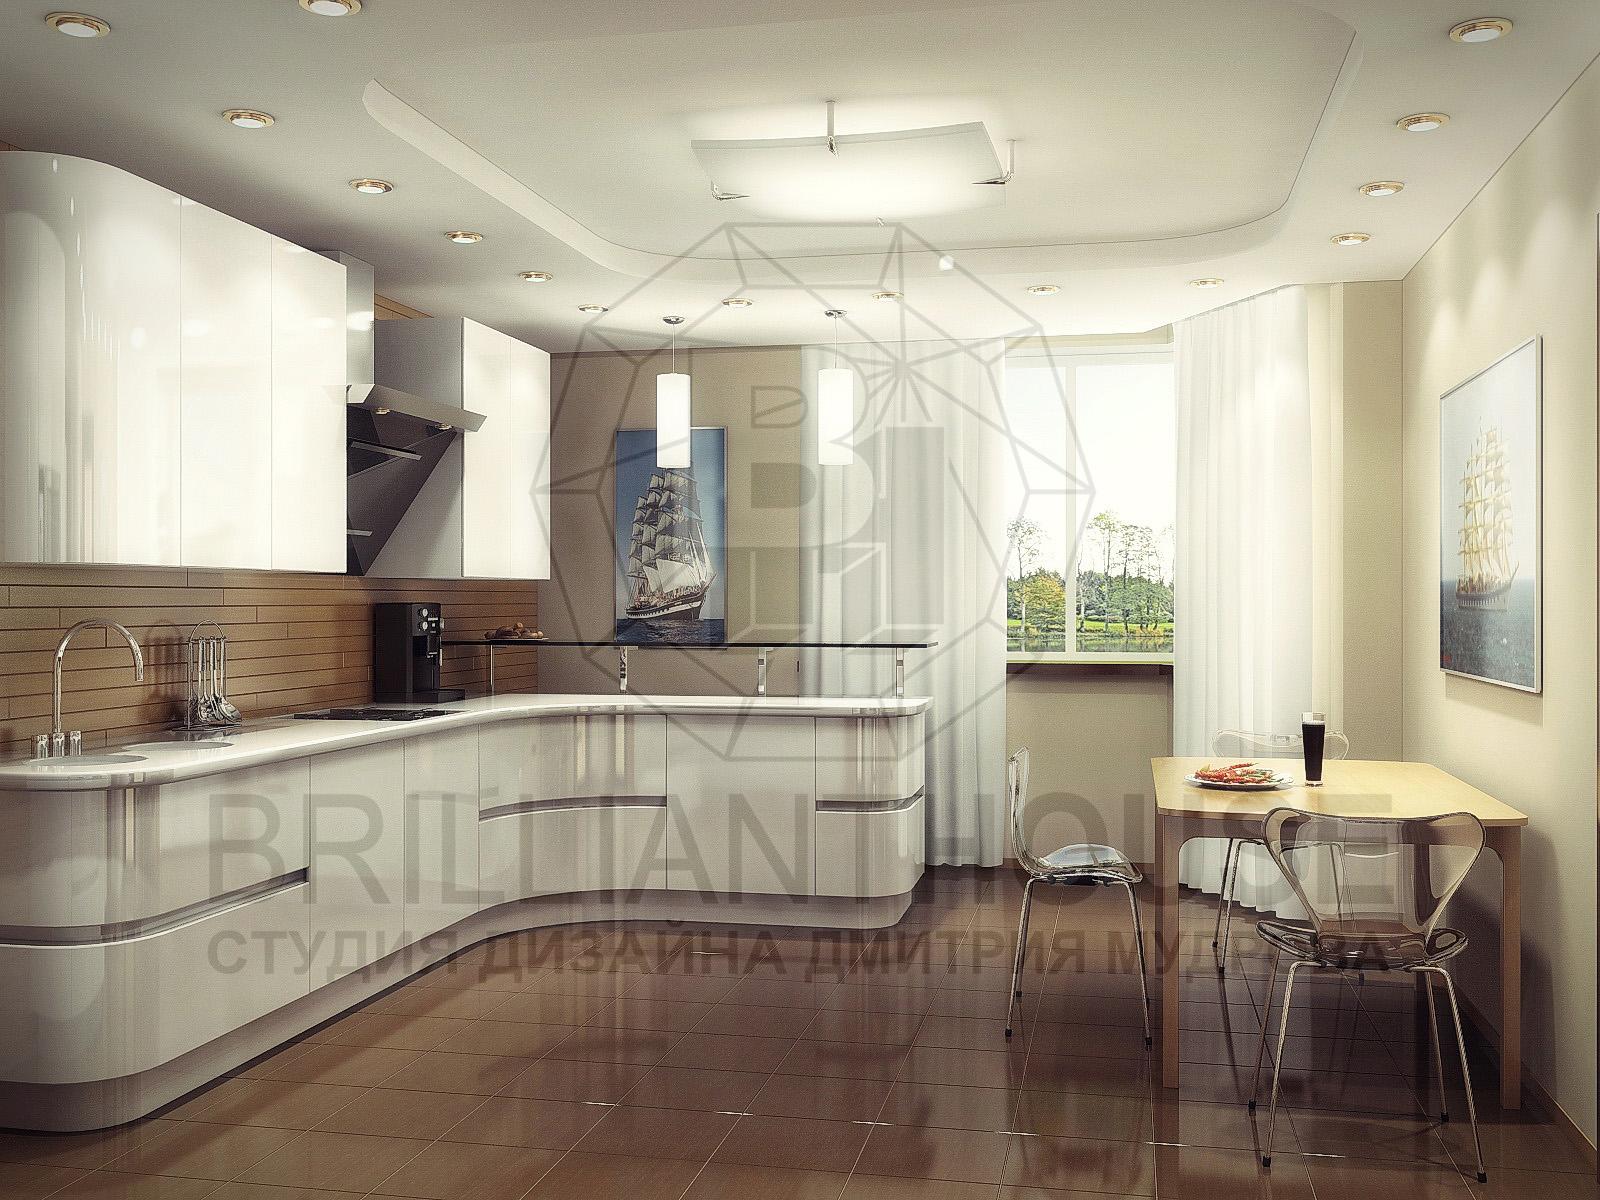 Дизайн кухни дизайн прихожей дизайн